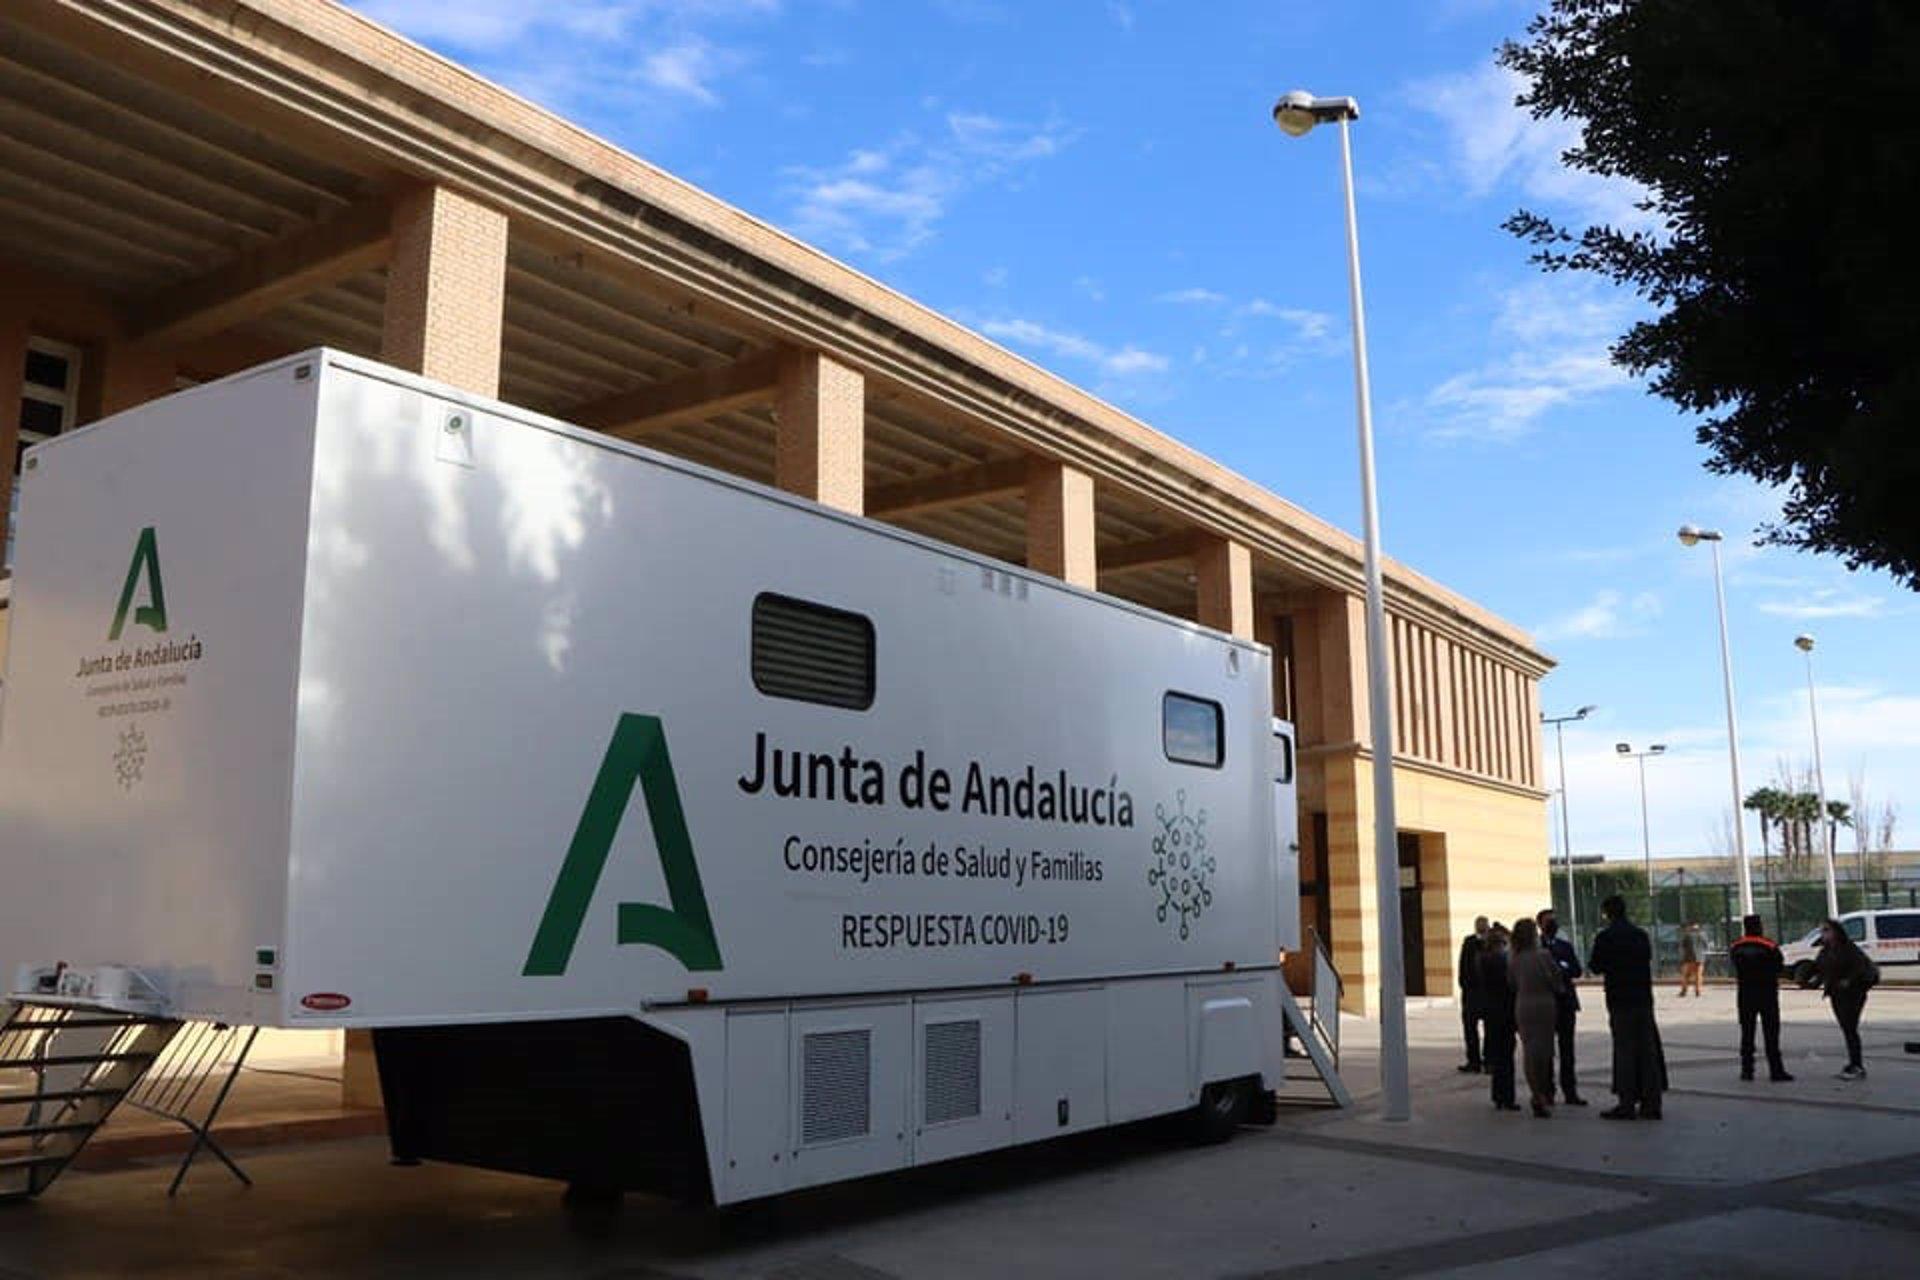 Salud realizará nuevos cribados poblacionales en 29 municipios andaluces de todas las provincias